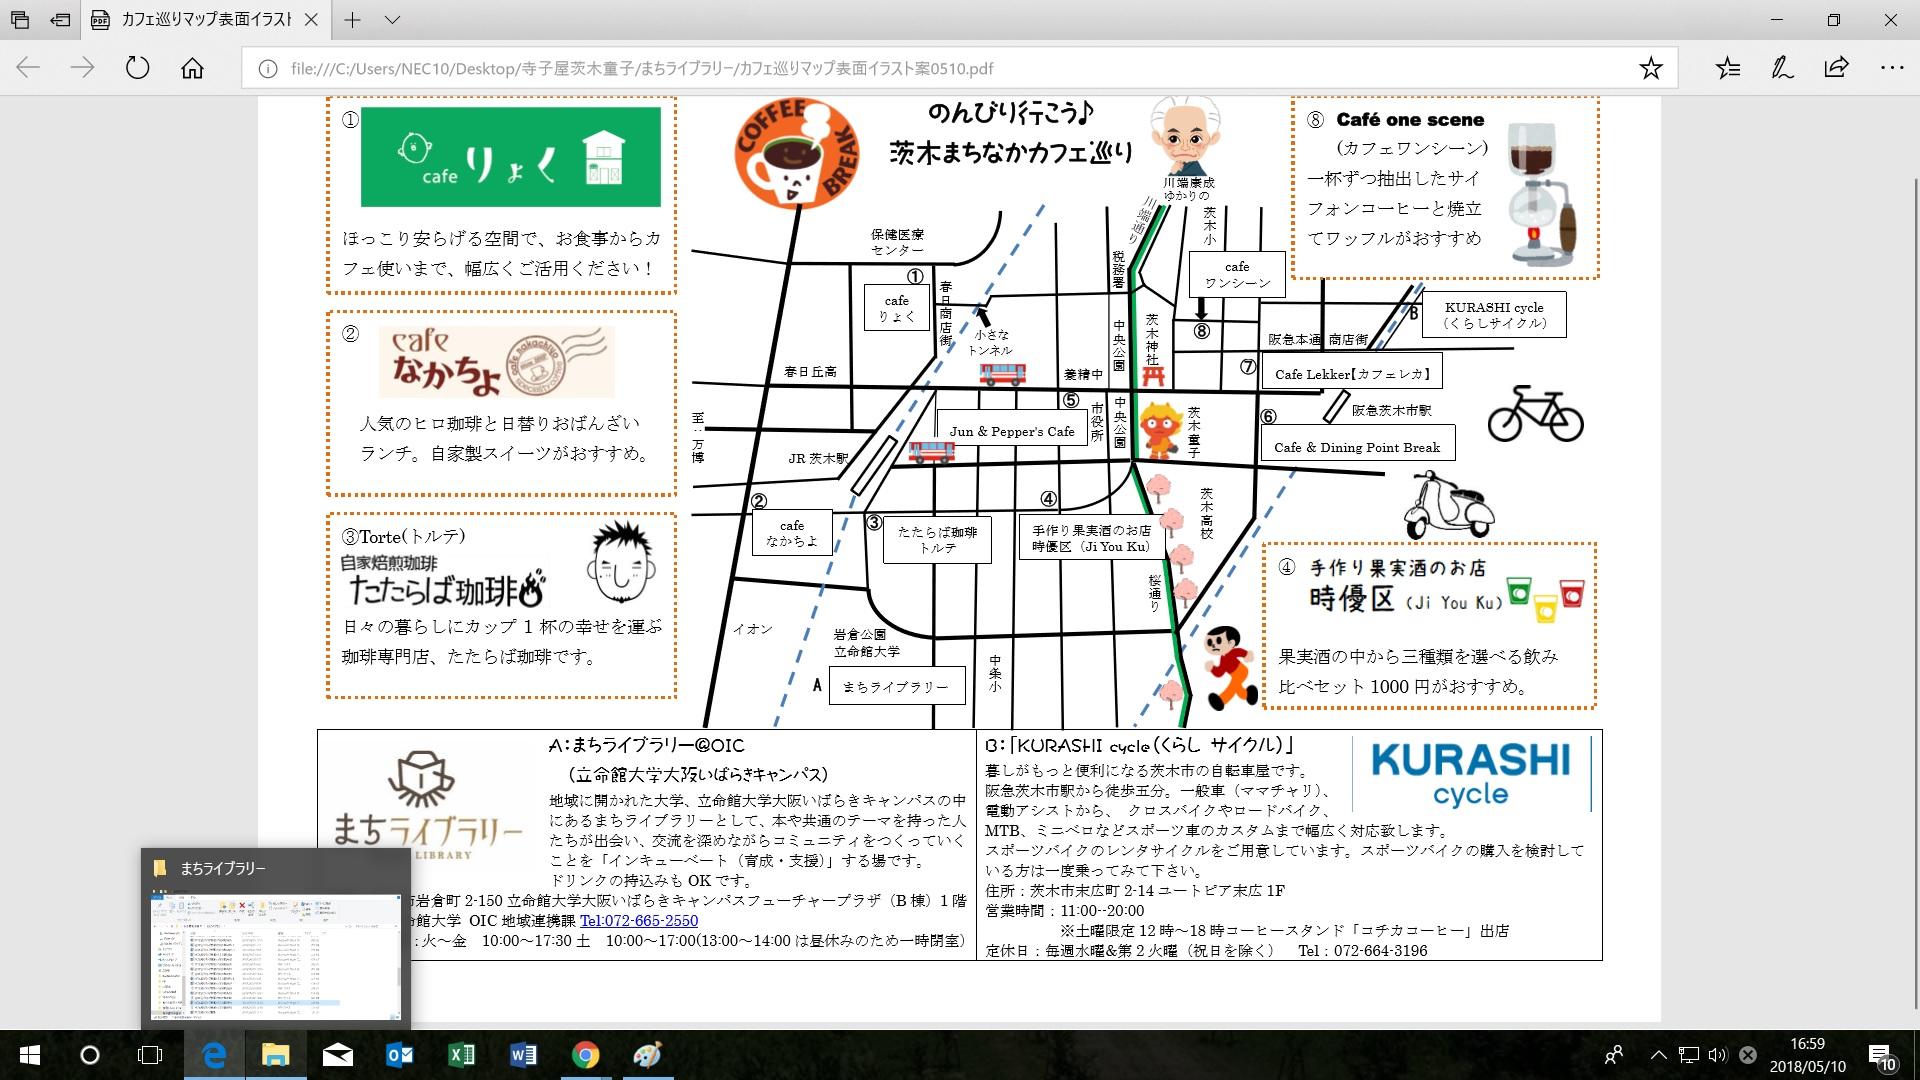 カフェマップ表